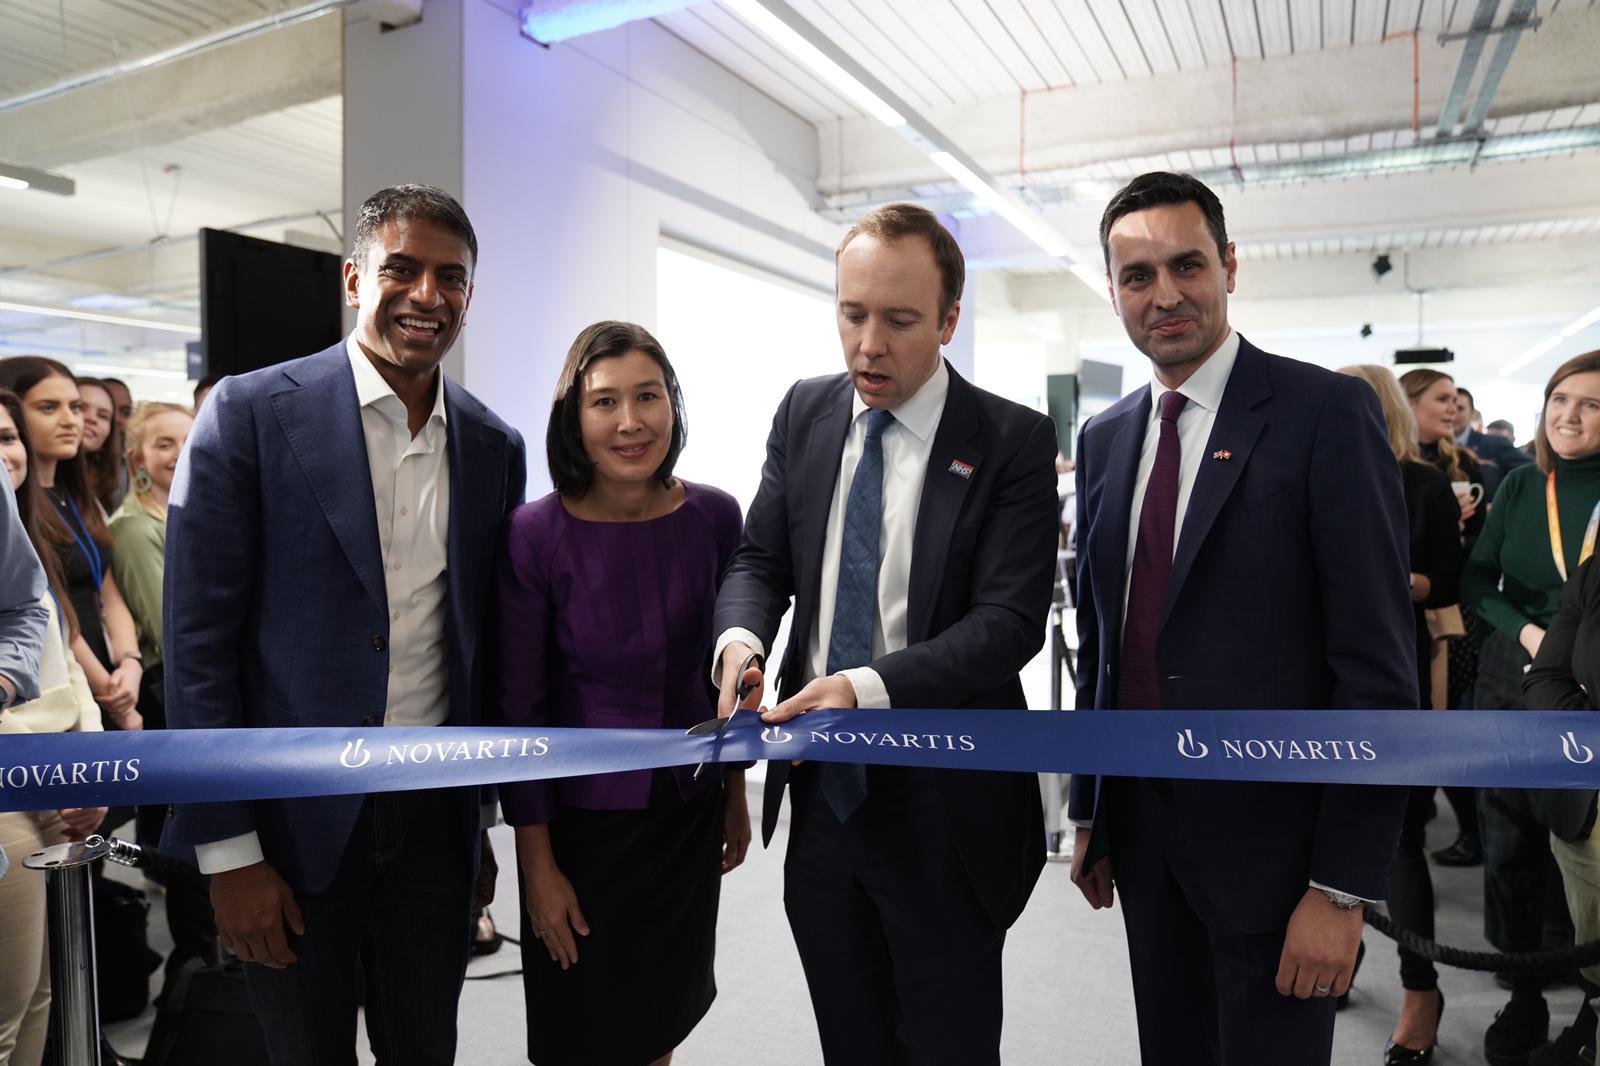 Novartis opening